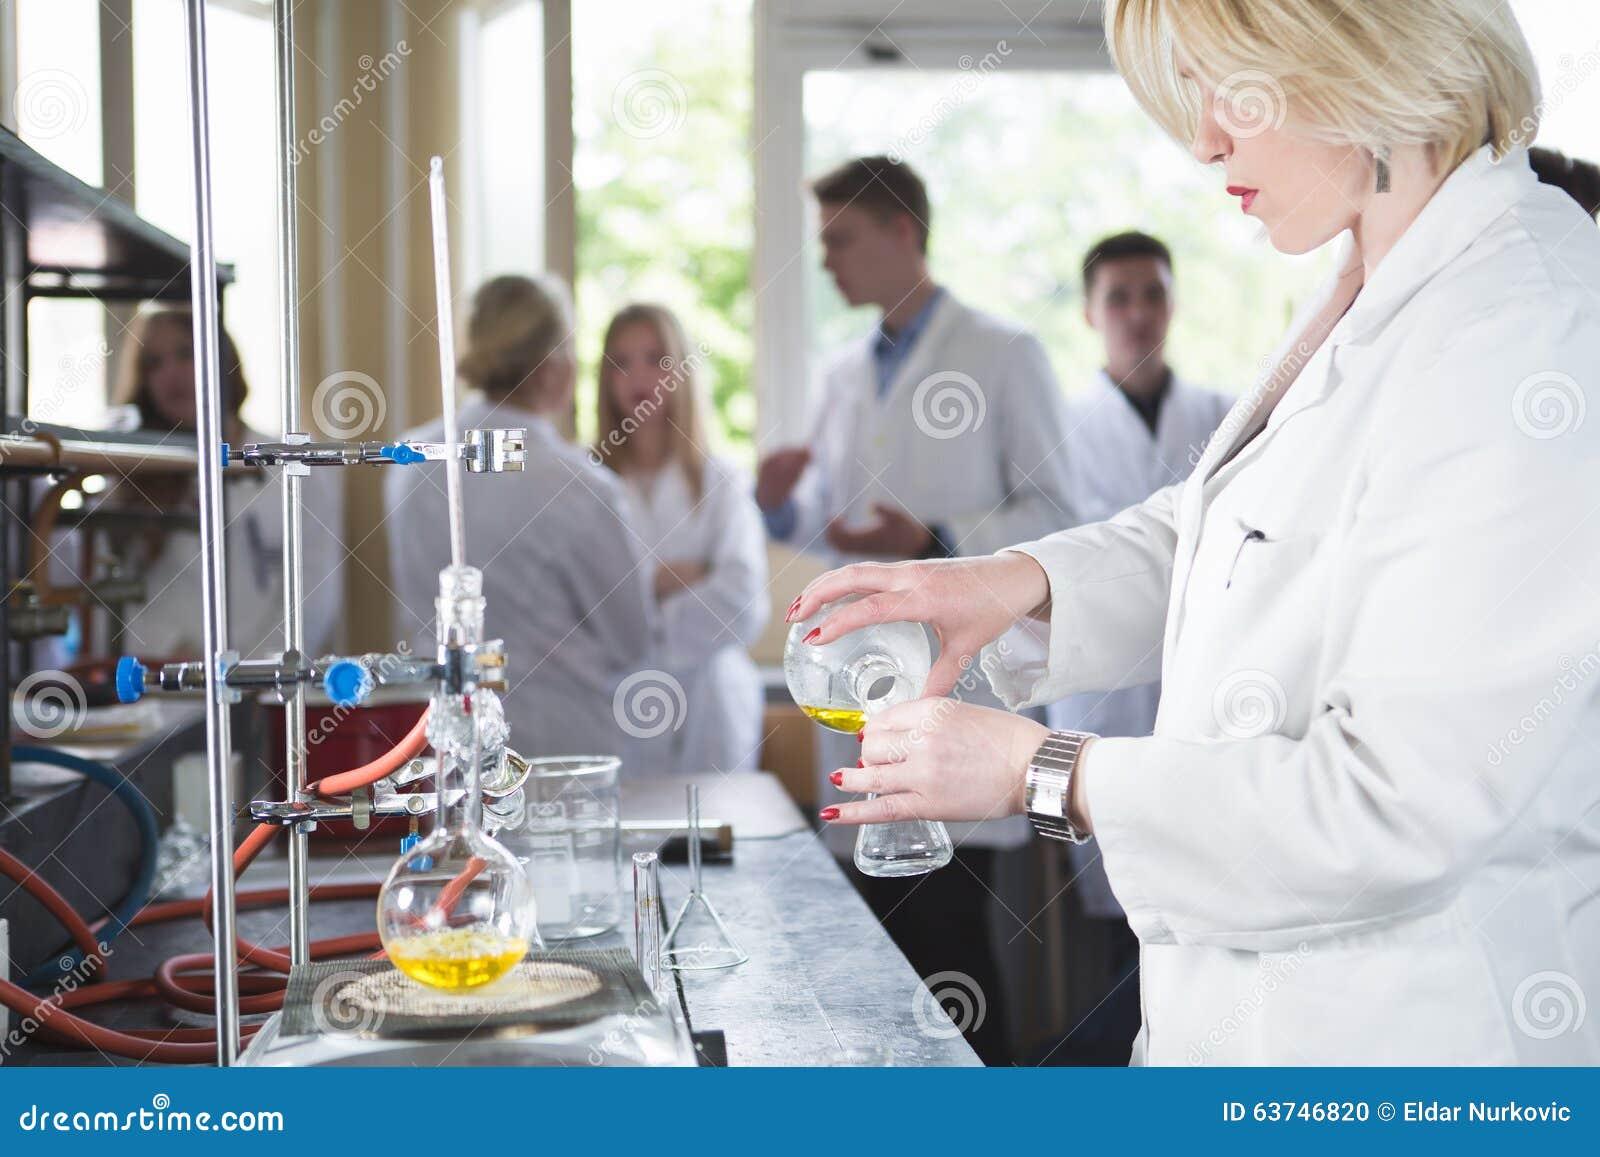 Chercheur scientifique faisant une recherche chimique d expérience Étudiants de la Science travaillant avec des produits chimique